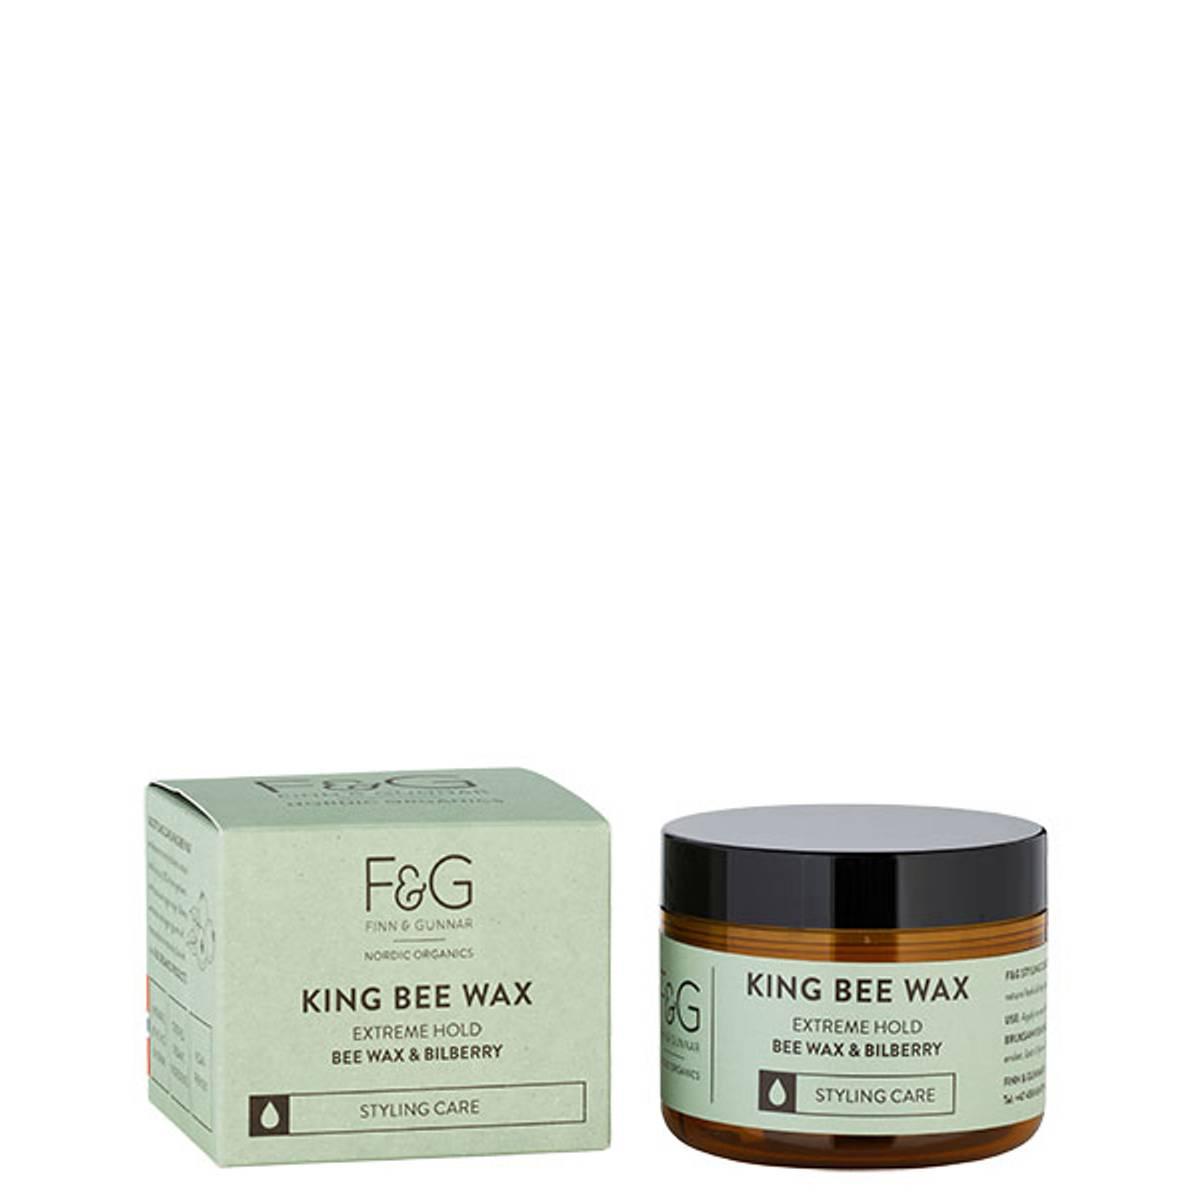 F&G Nordic Organics Wax King Bee 100 ml